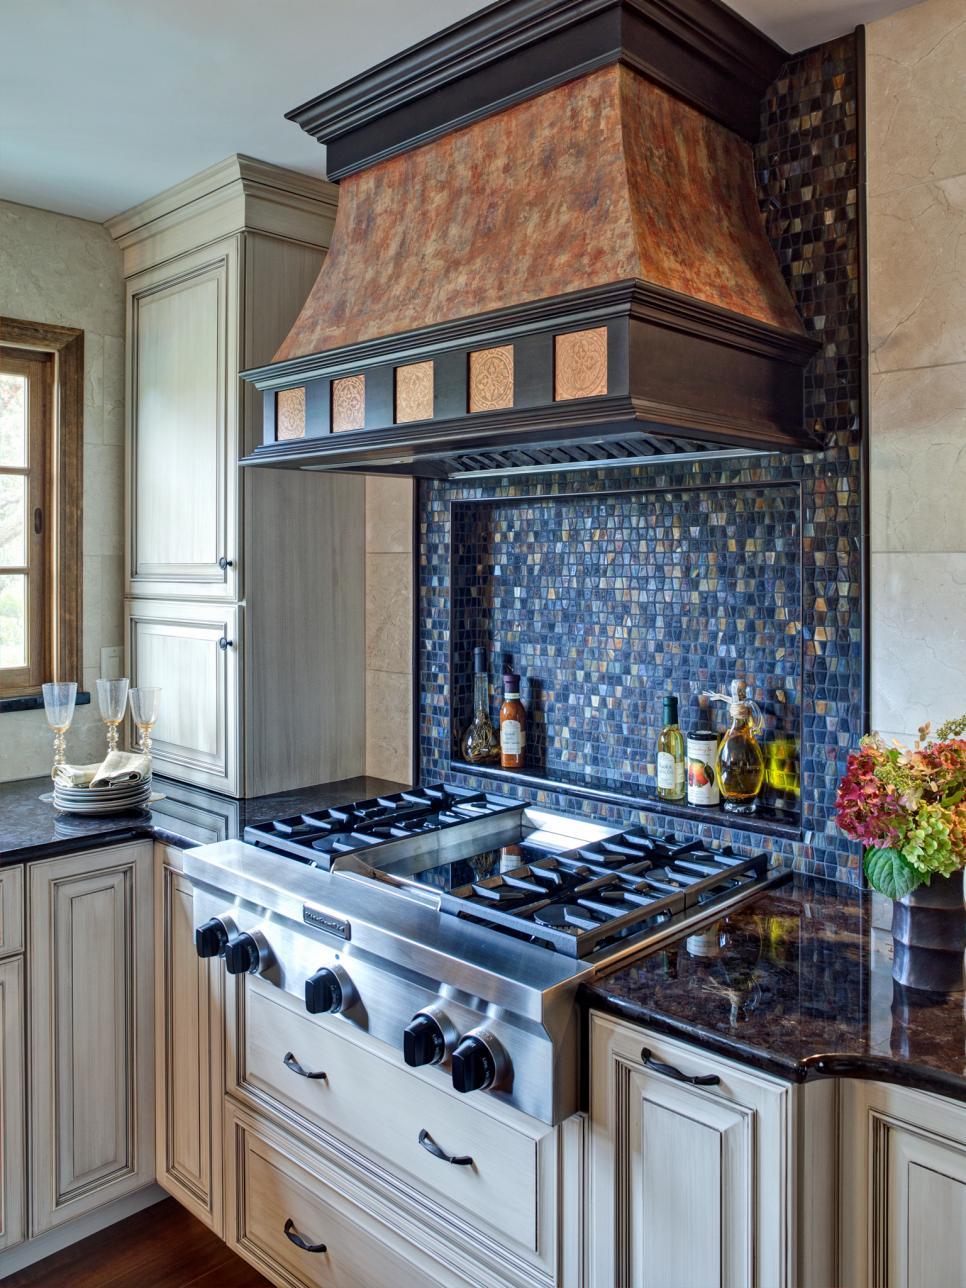 30 trendiest kitchen backsplash materials hgtv stainless steel backsplashes kitchen designs choose